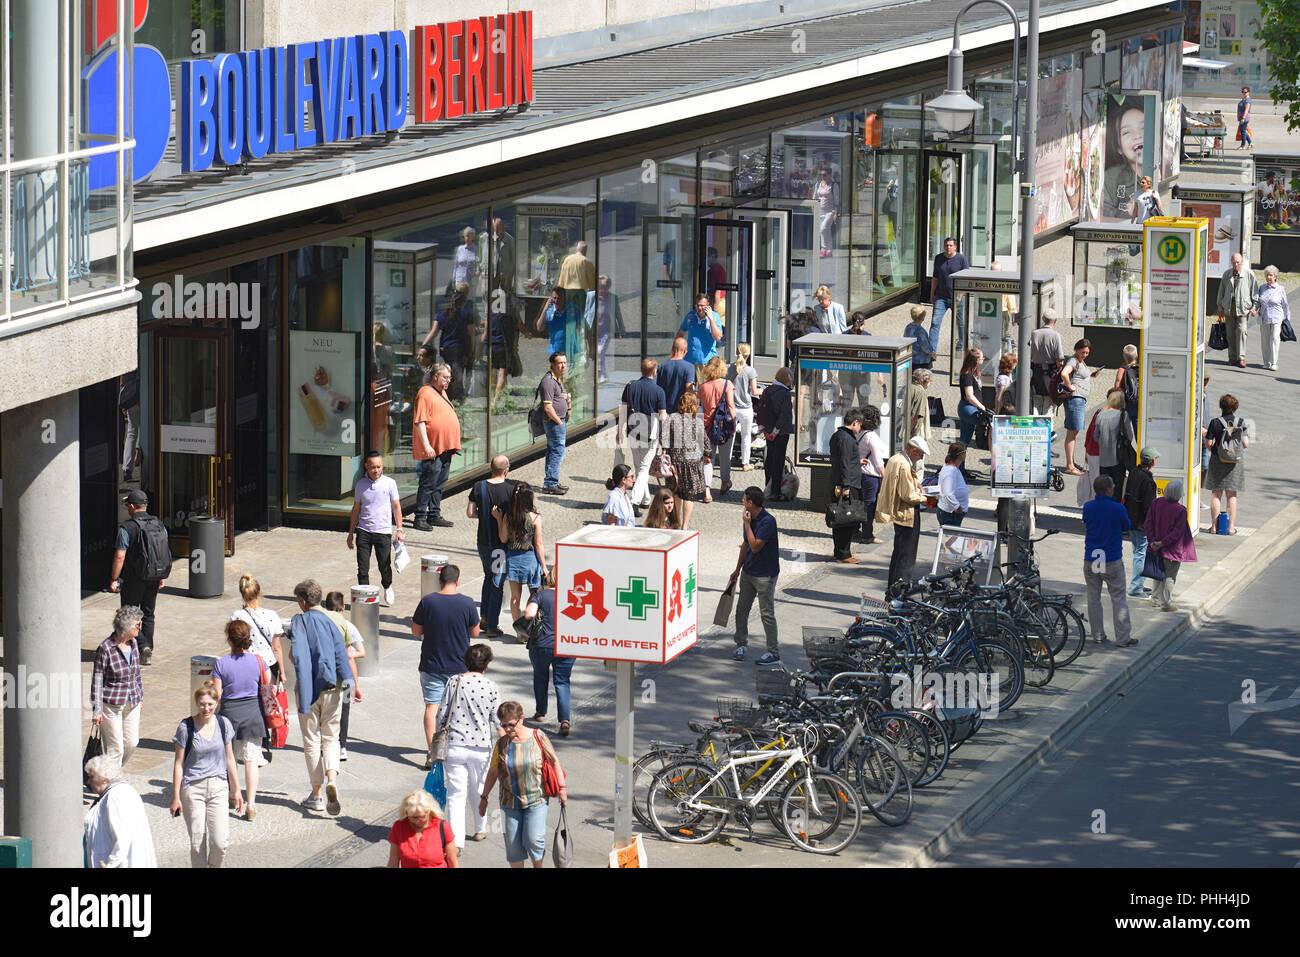 Boulevard Berlin, Schloßstraße, Steglitz, Berlin, Deutschland ...